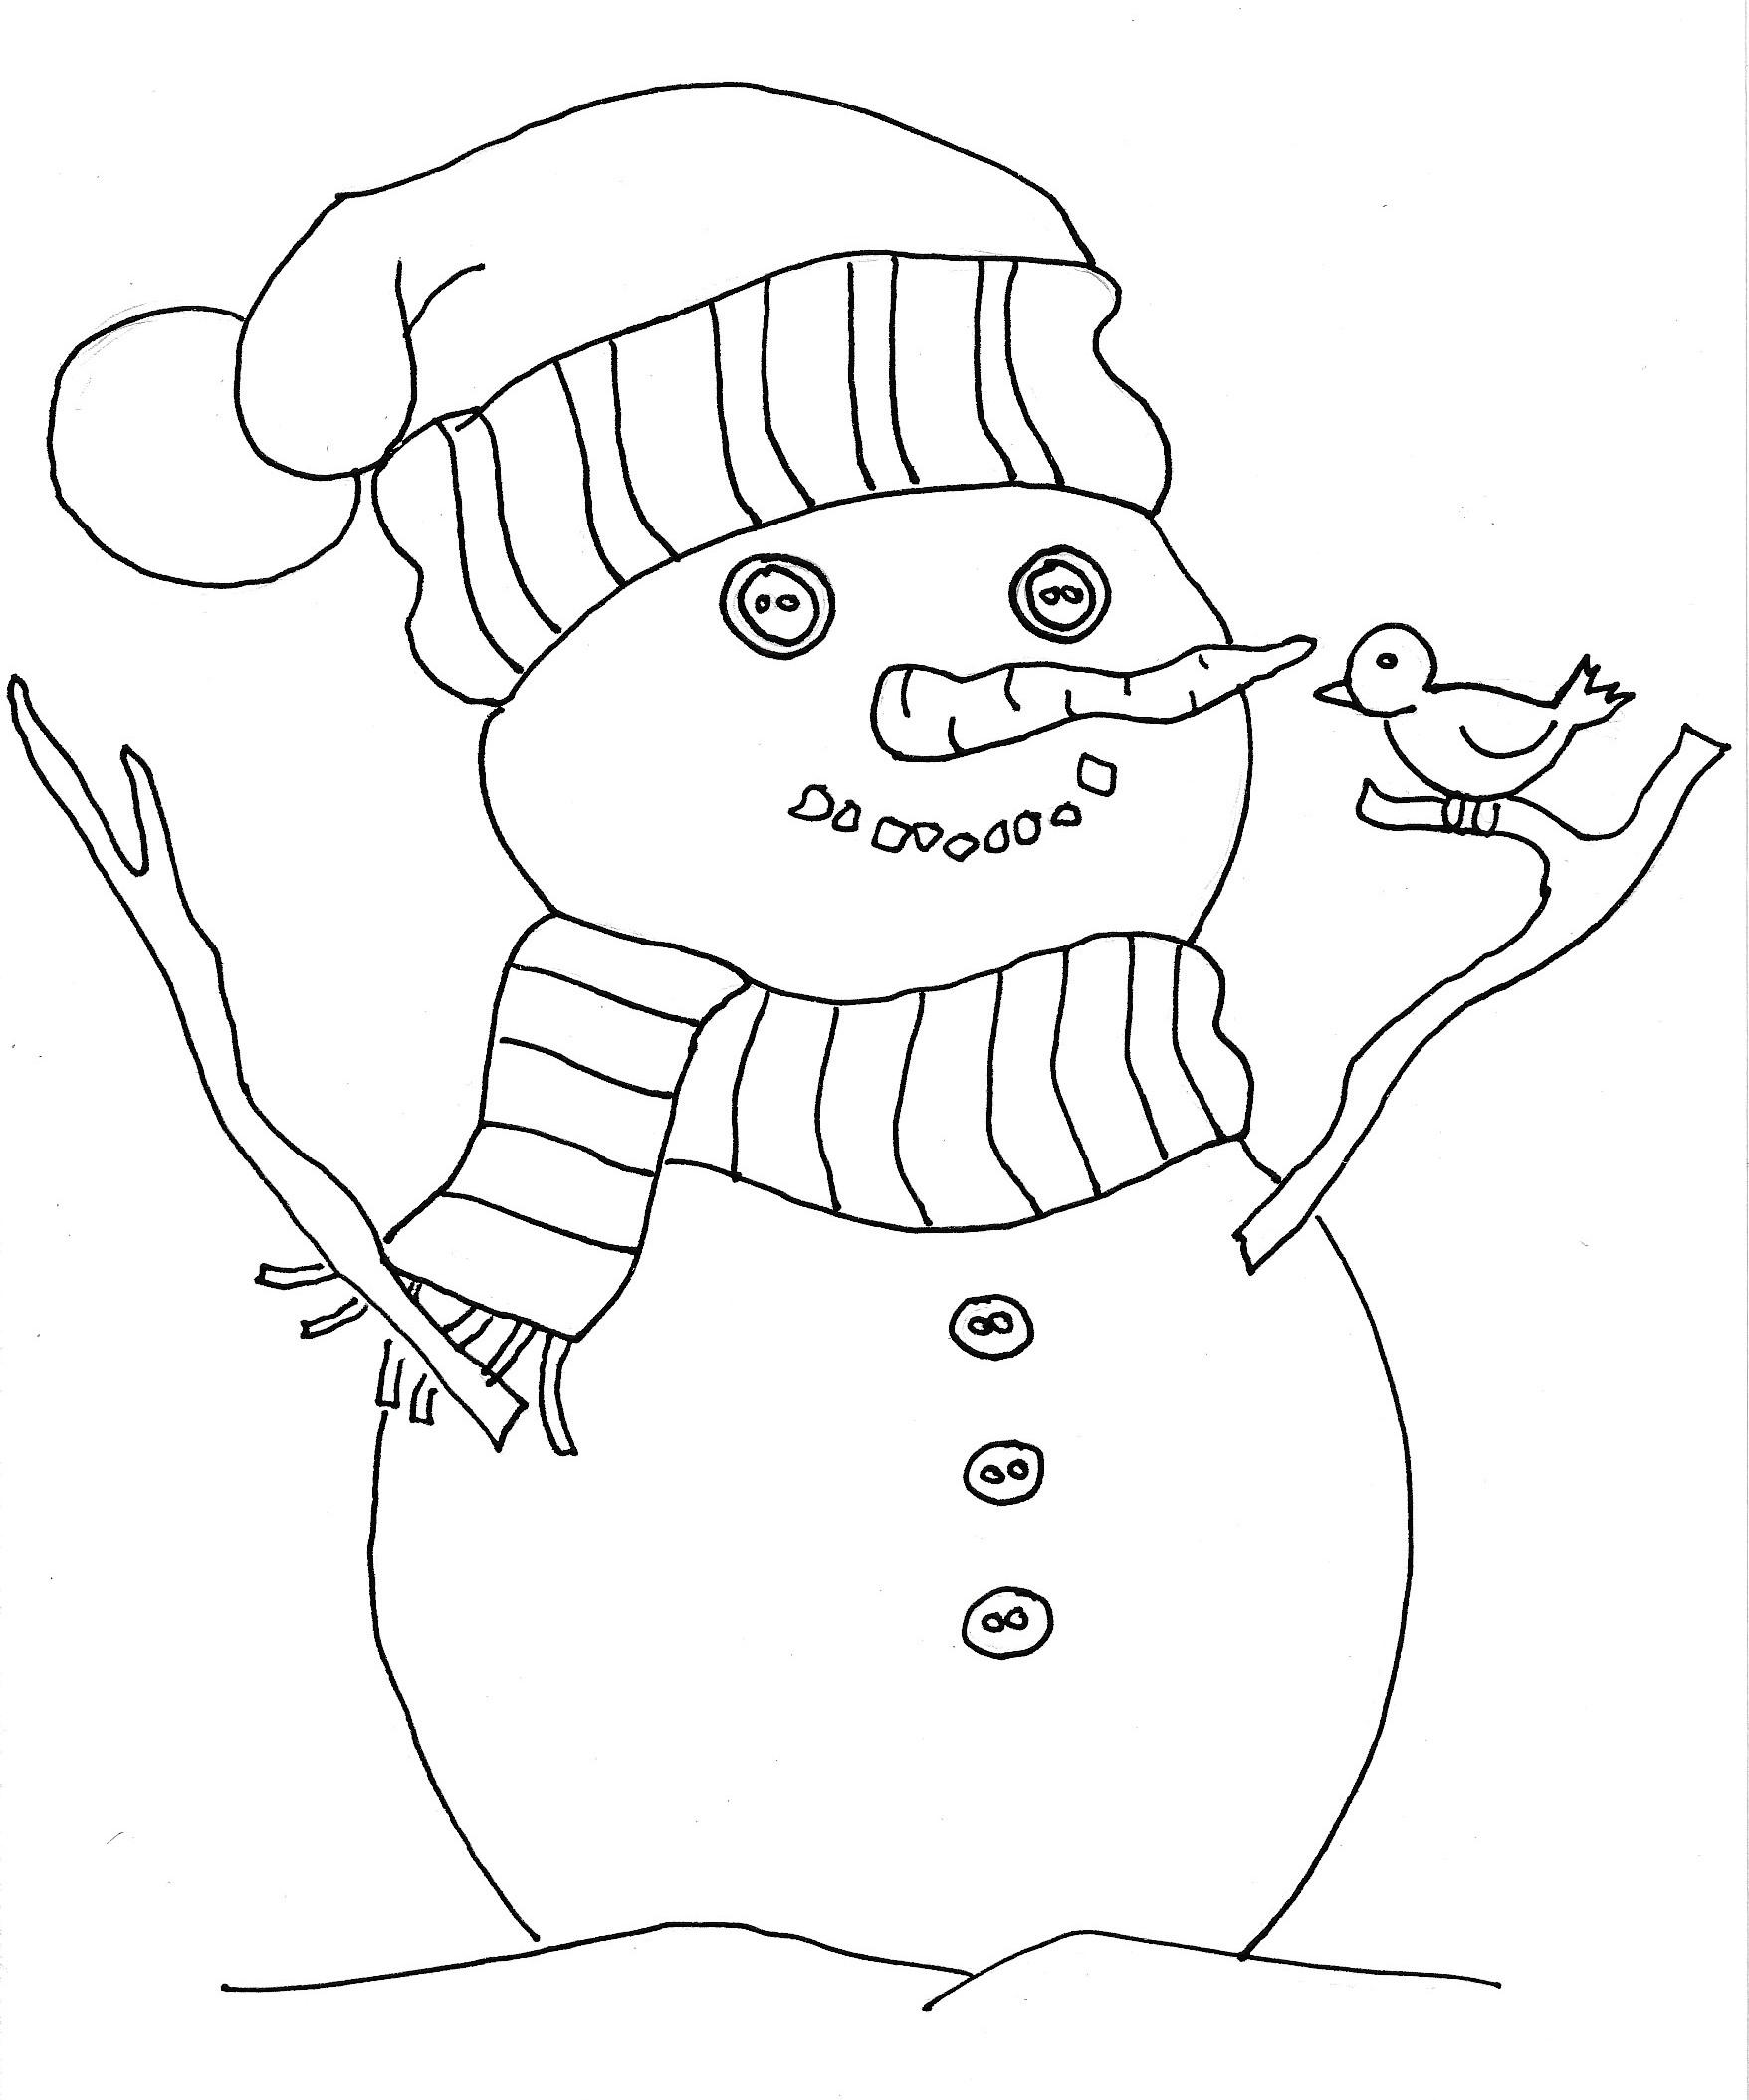 coloriage_bonhomme_de_neige